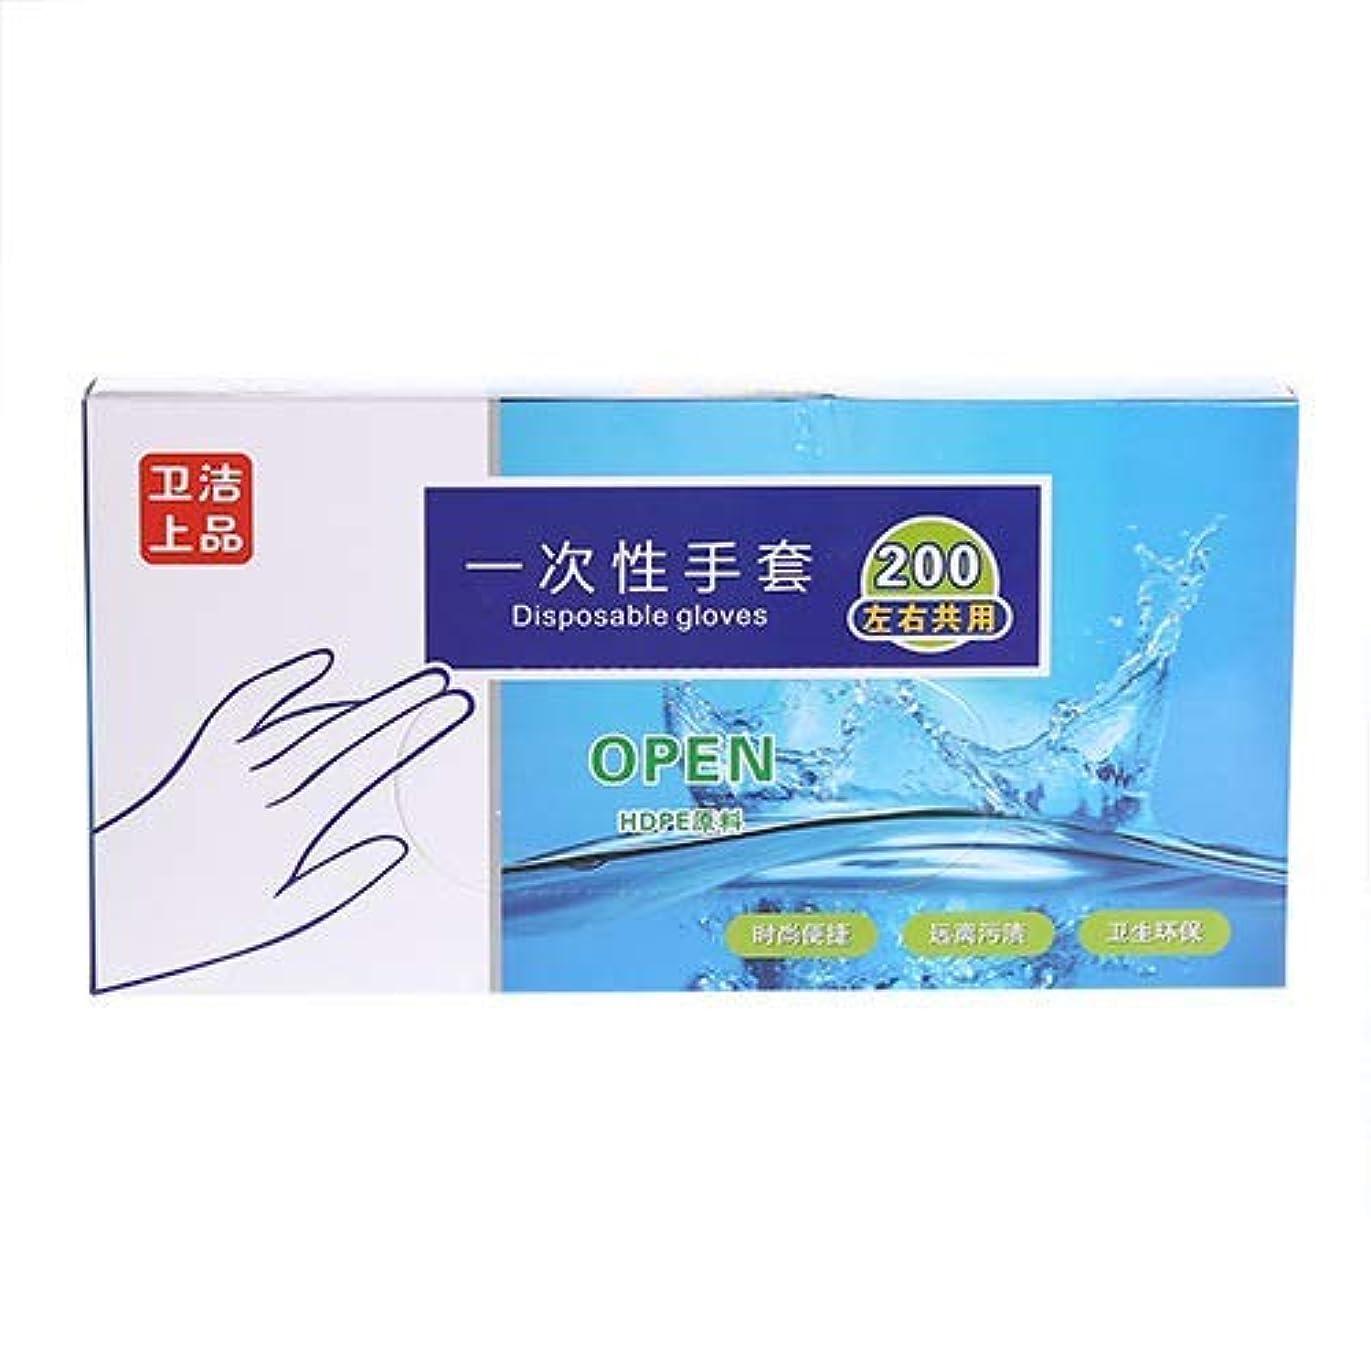 推定する魂水銀の使い捨て手袋 ニトリルグローブ ホワイト 粉なし 100枚入り /200枚入り